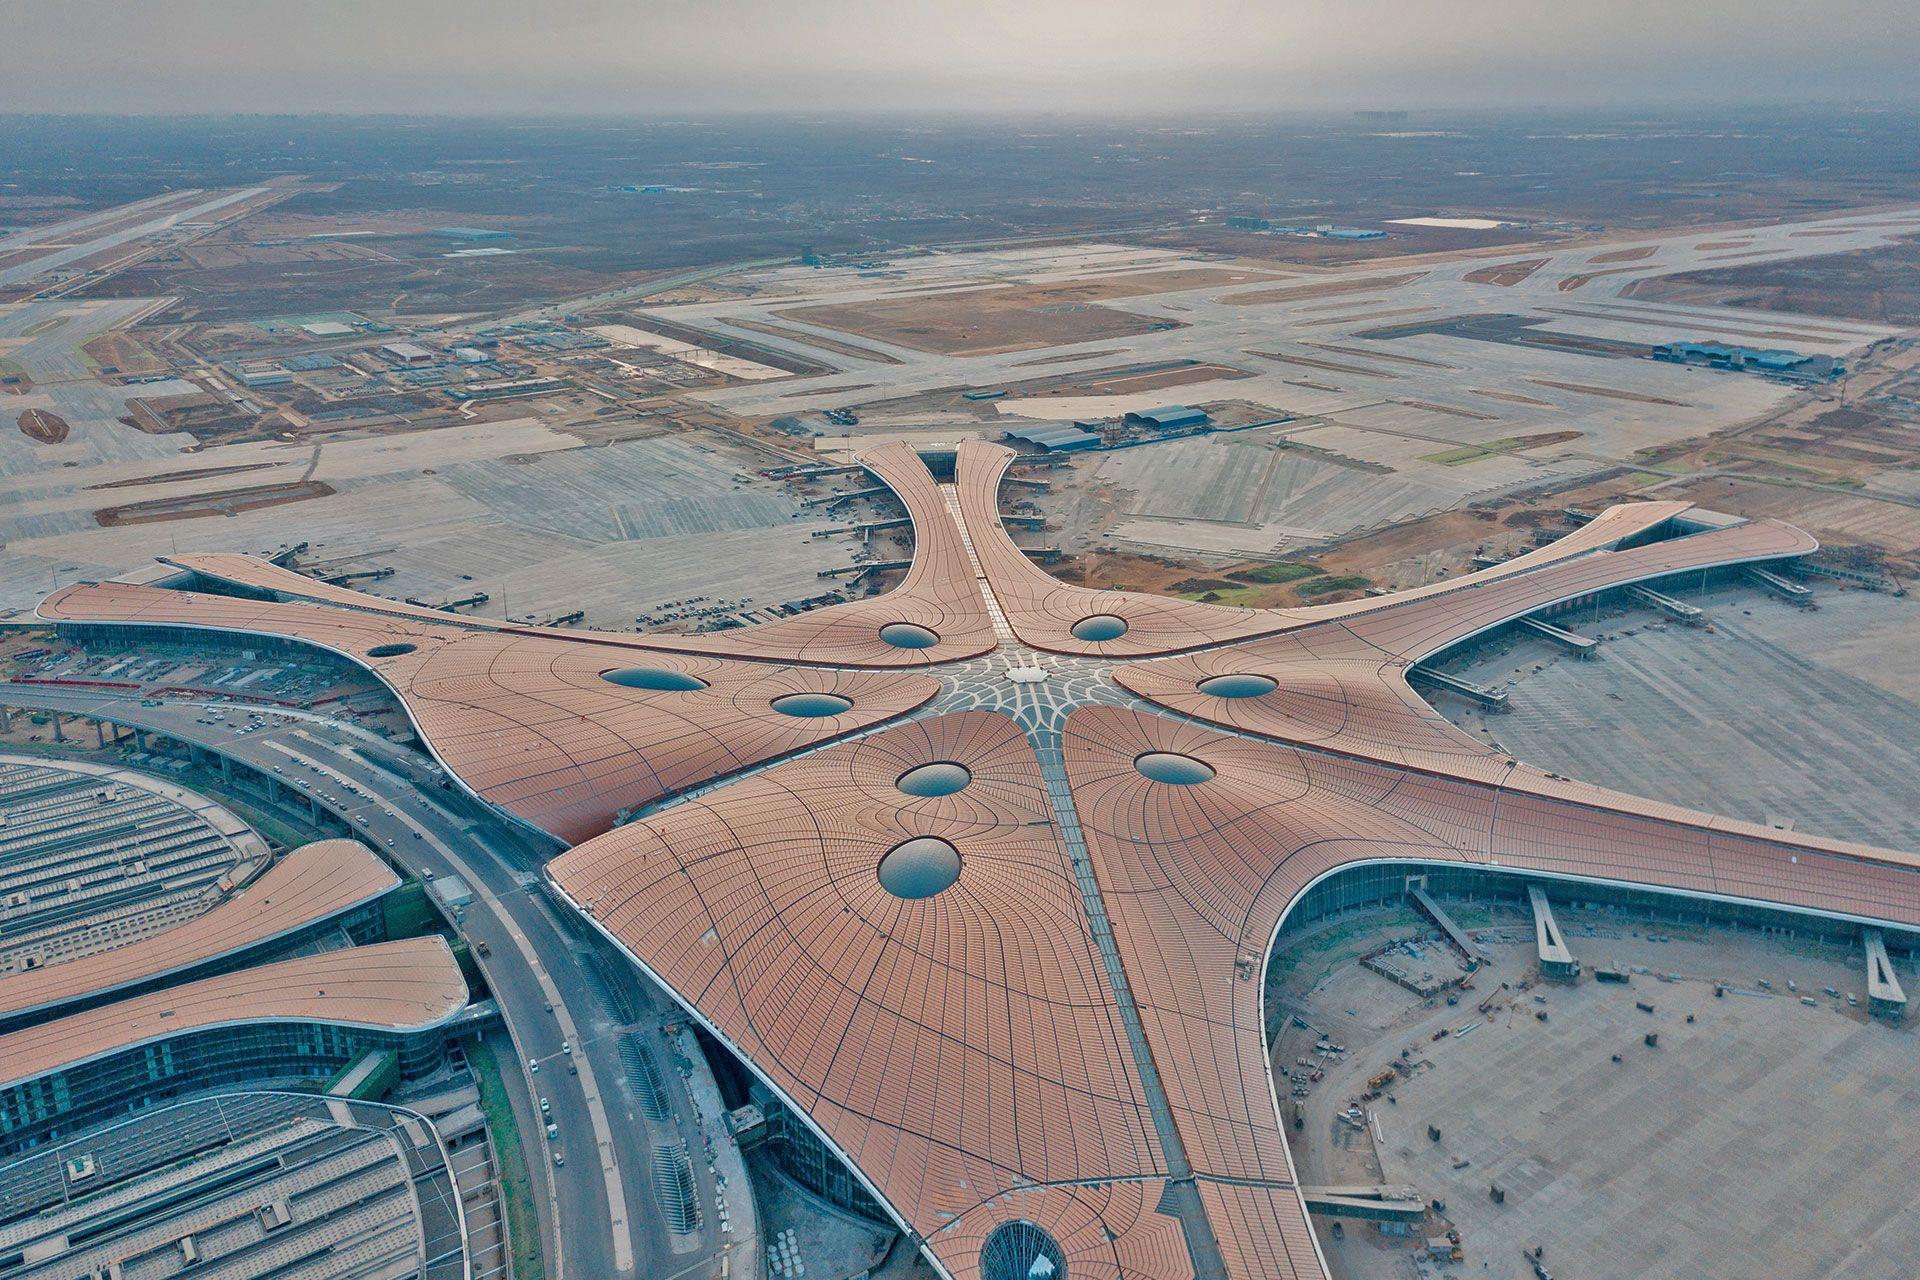 Tra gli aeroporti più belli c'è il Daxing di Pechino